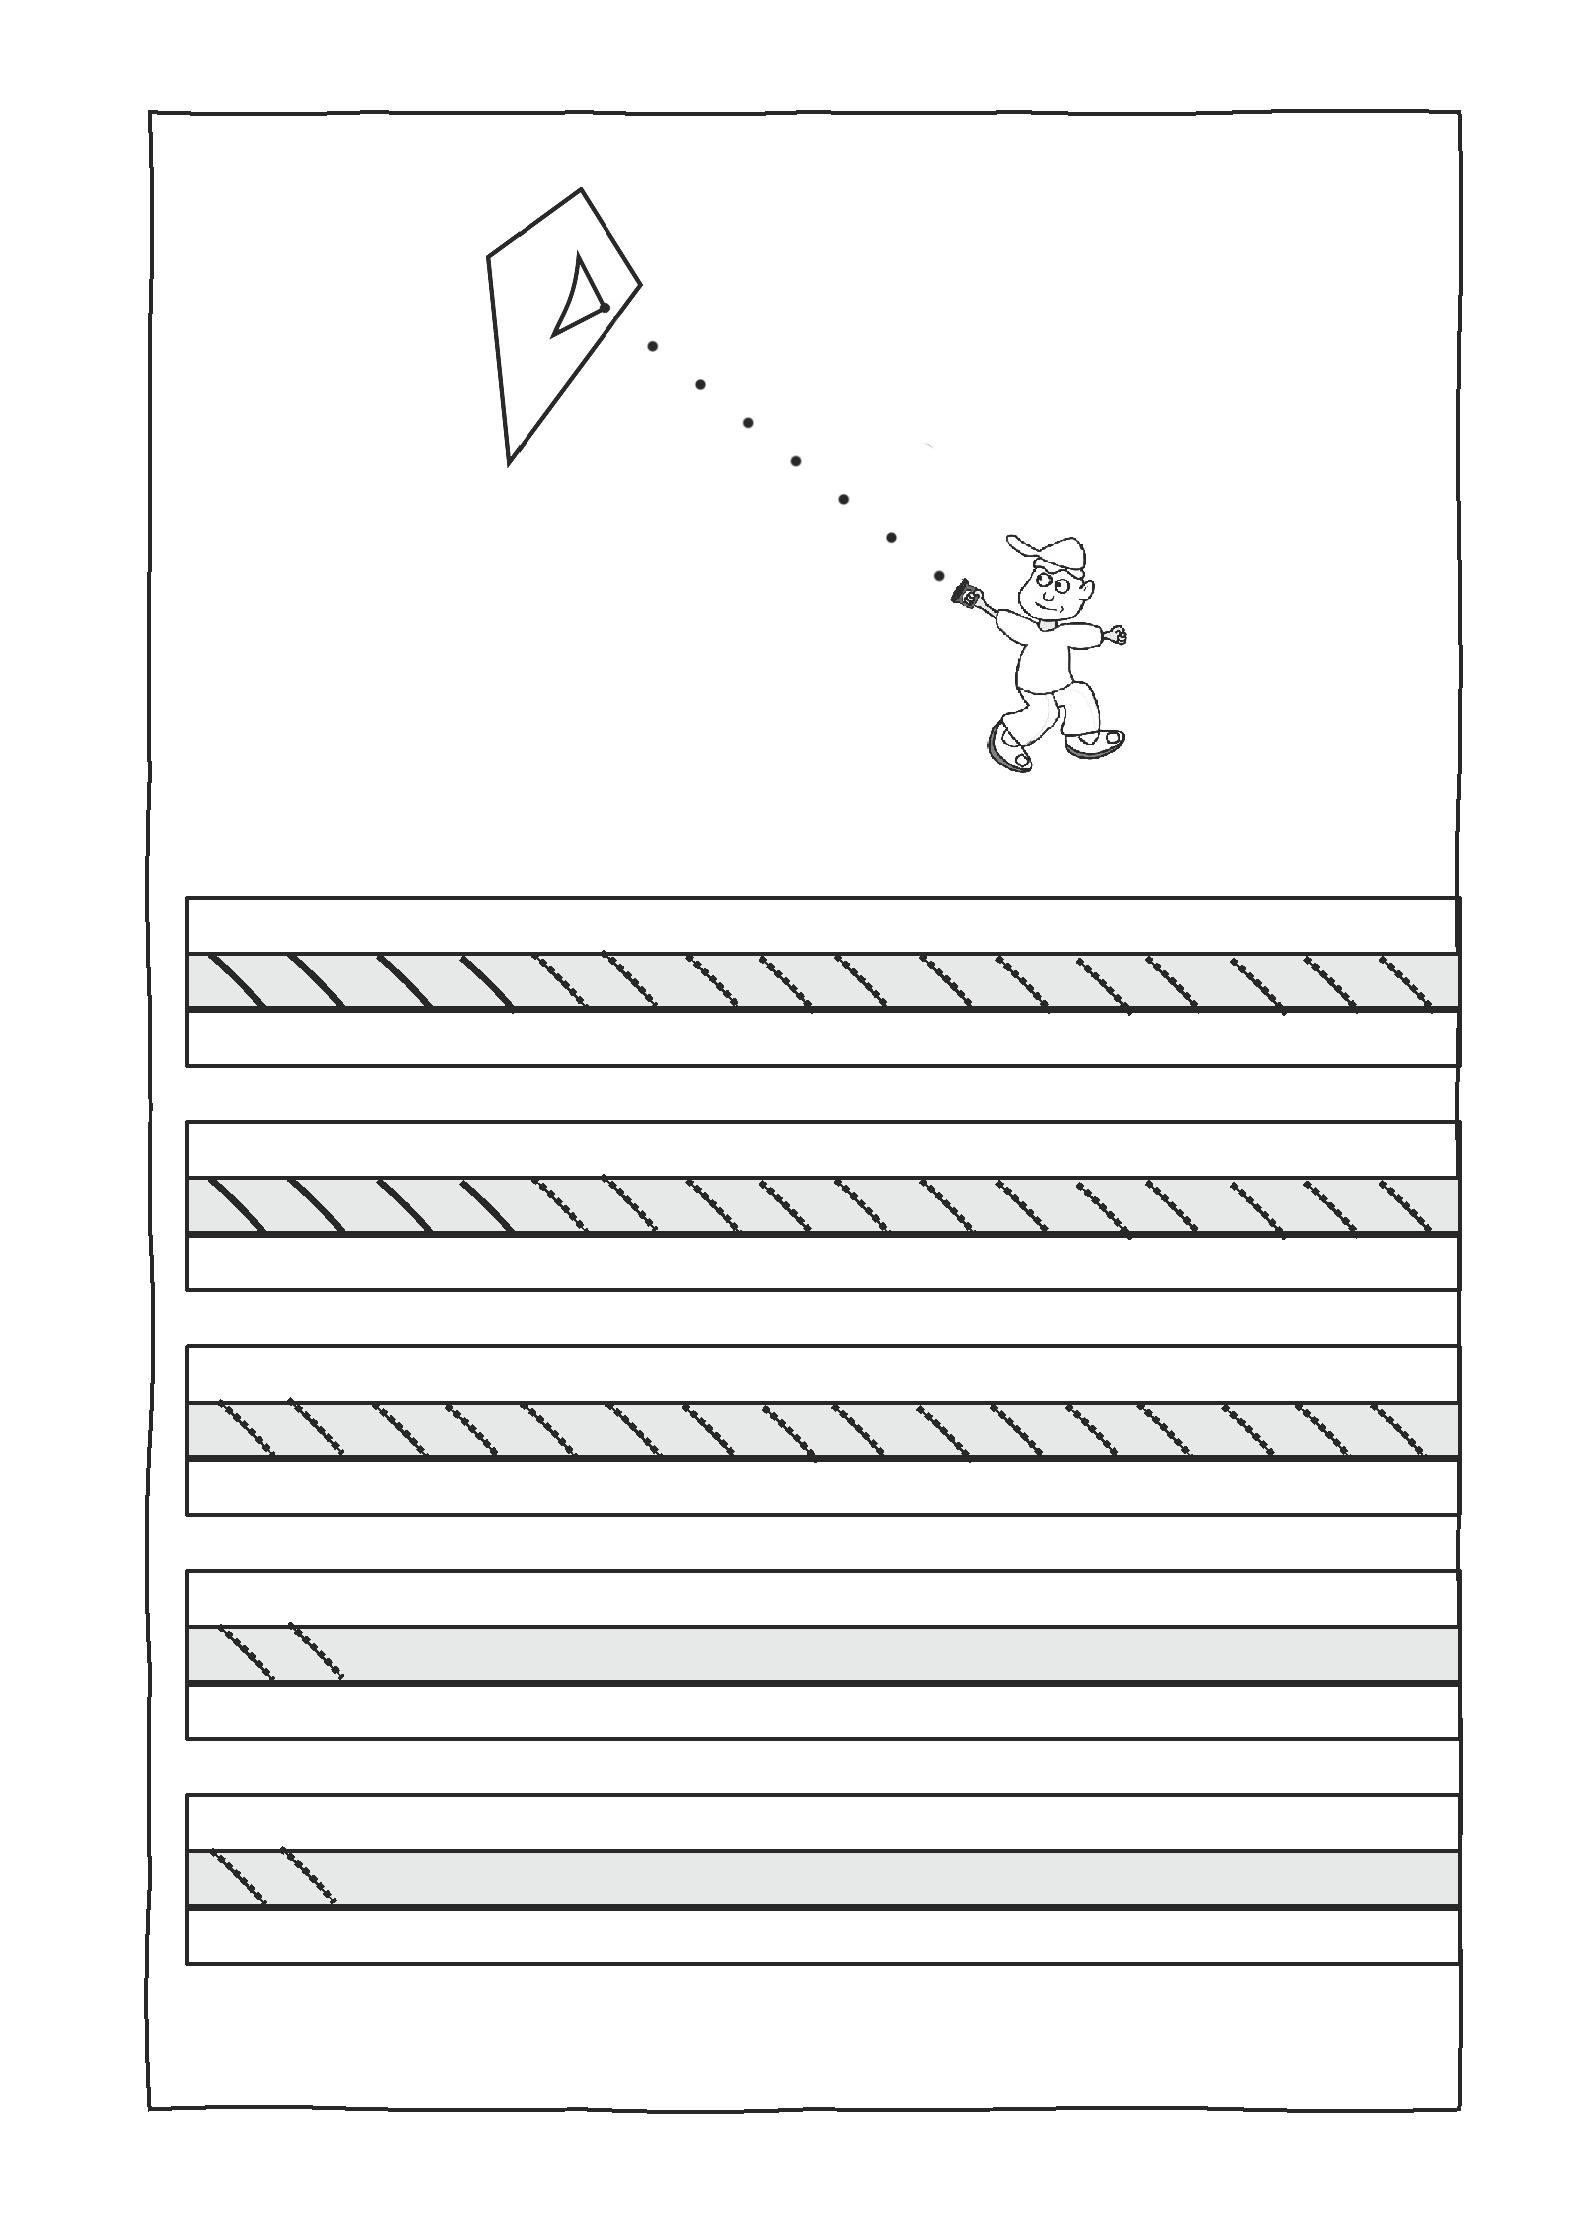 Προγραφικές ασκήσεις-Πλάγιες γραμμές